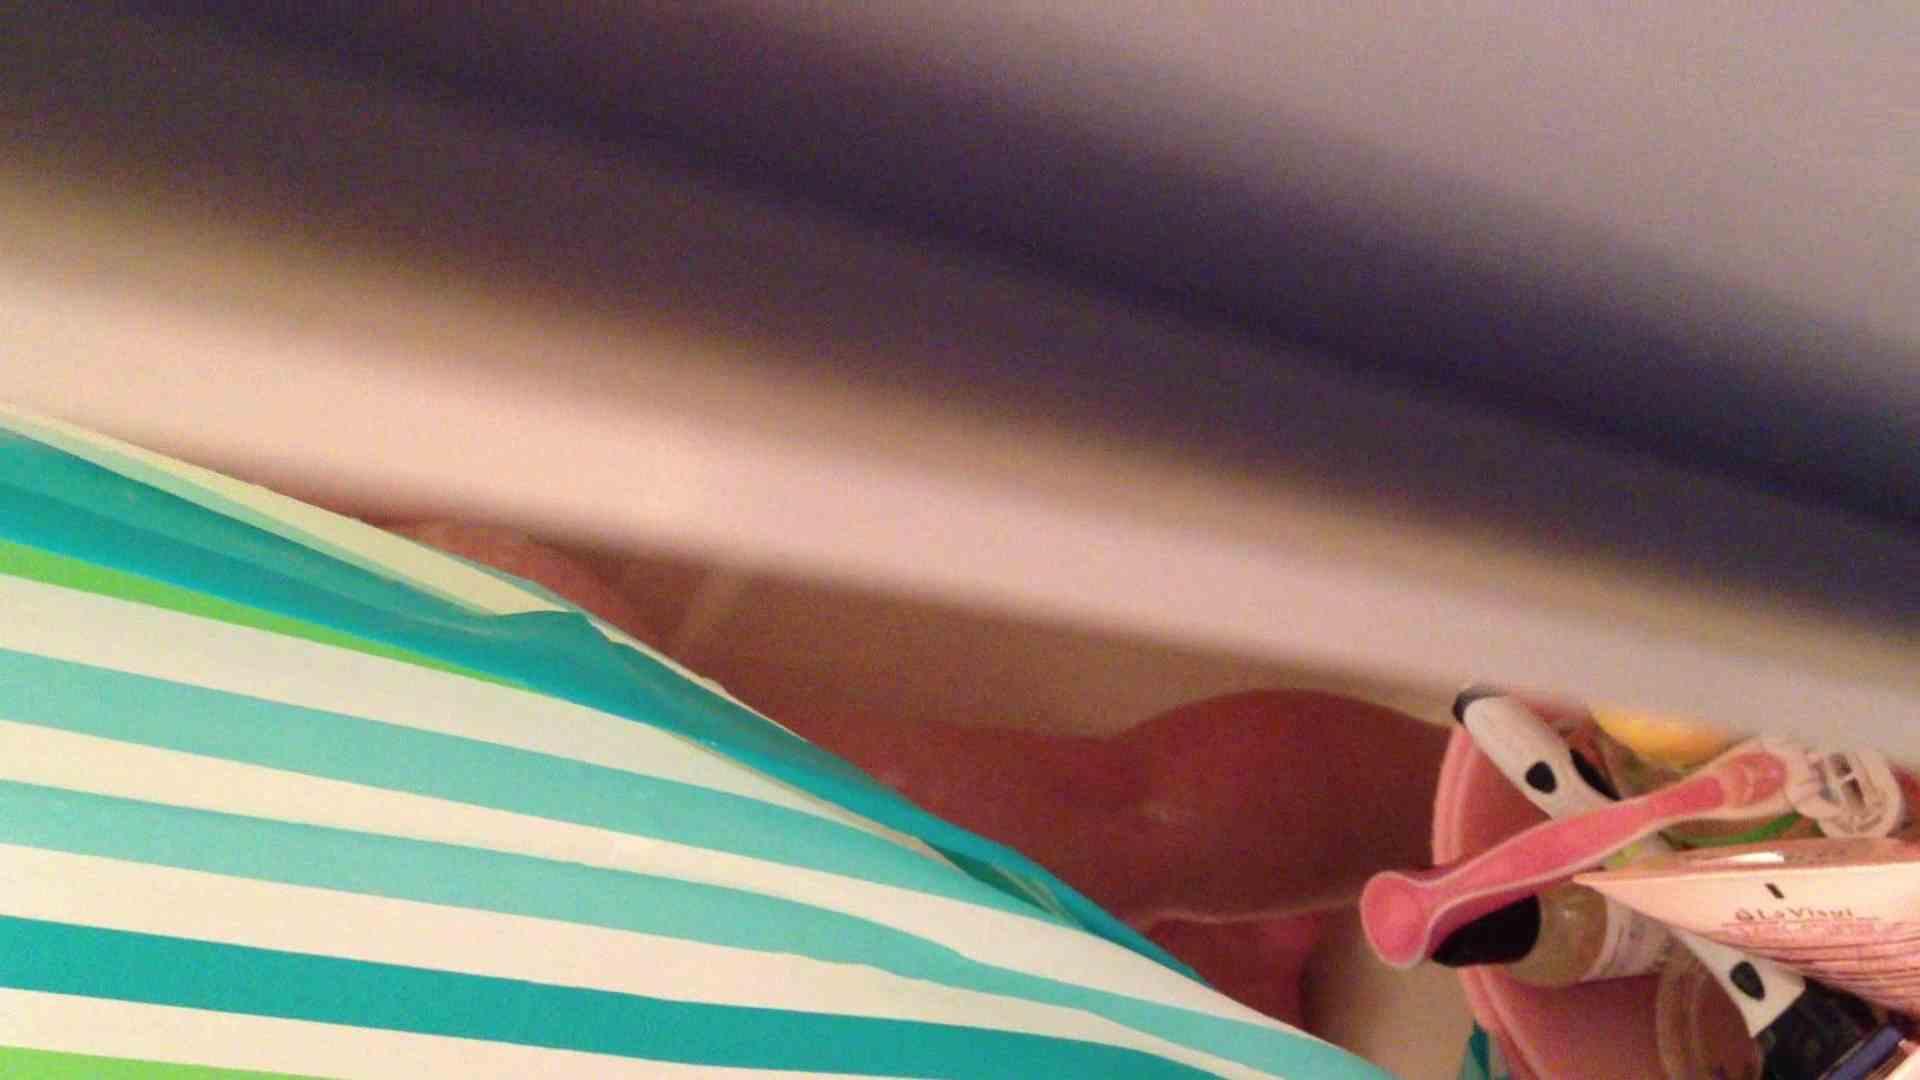 16(16日目)シャワー中にムダ毛処理をする彼女 パイパン  55PIX 22